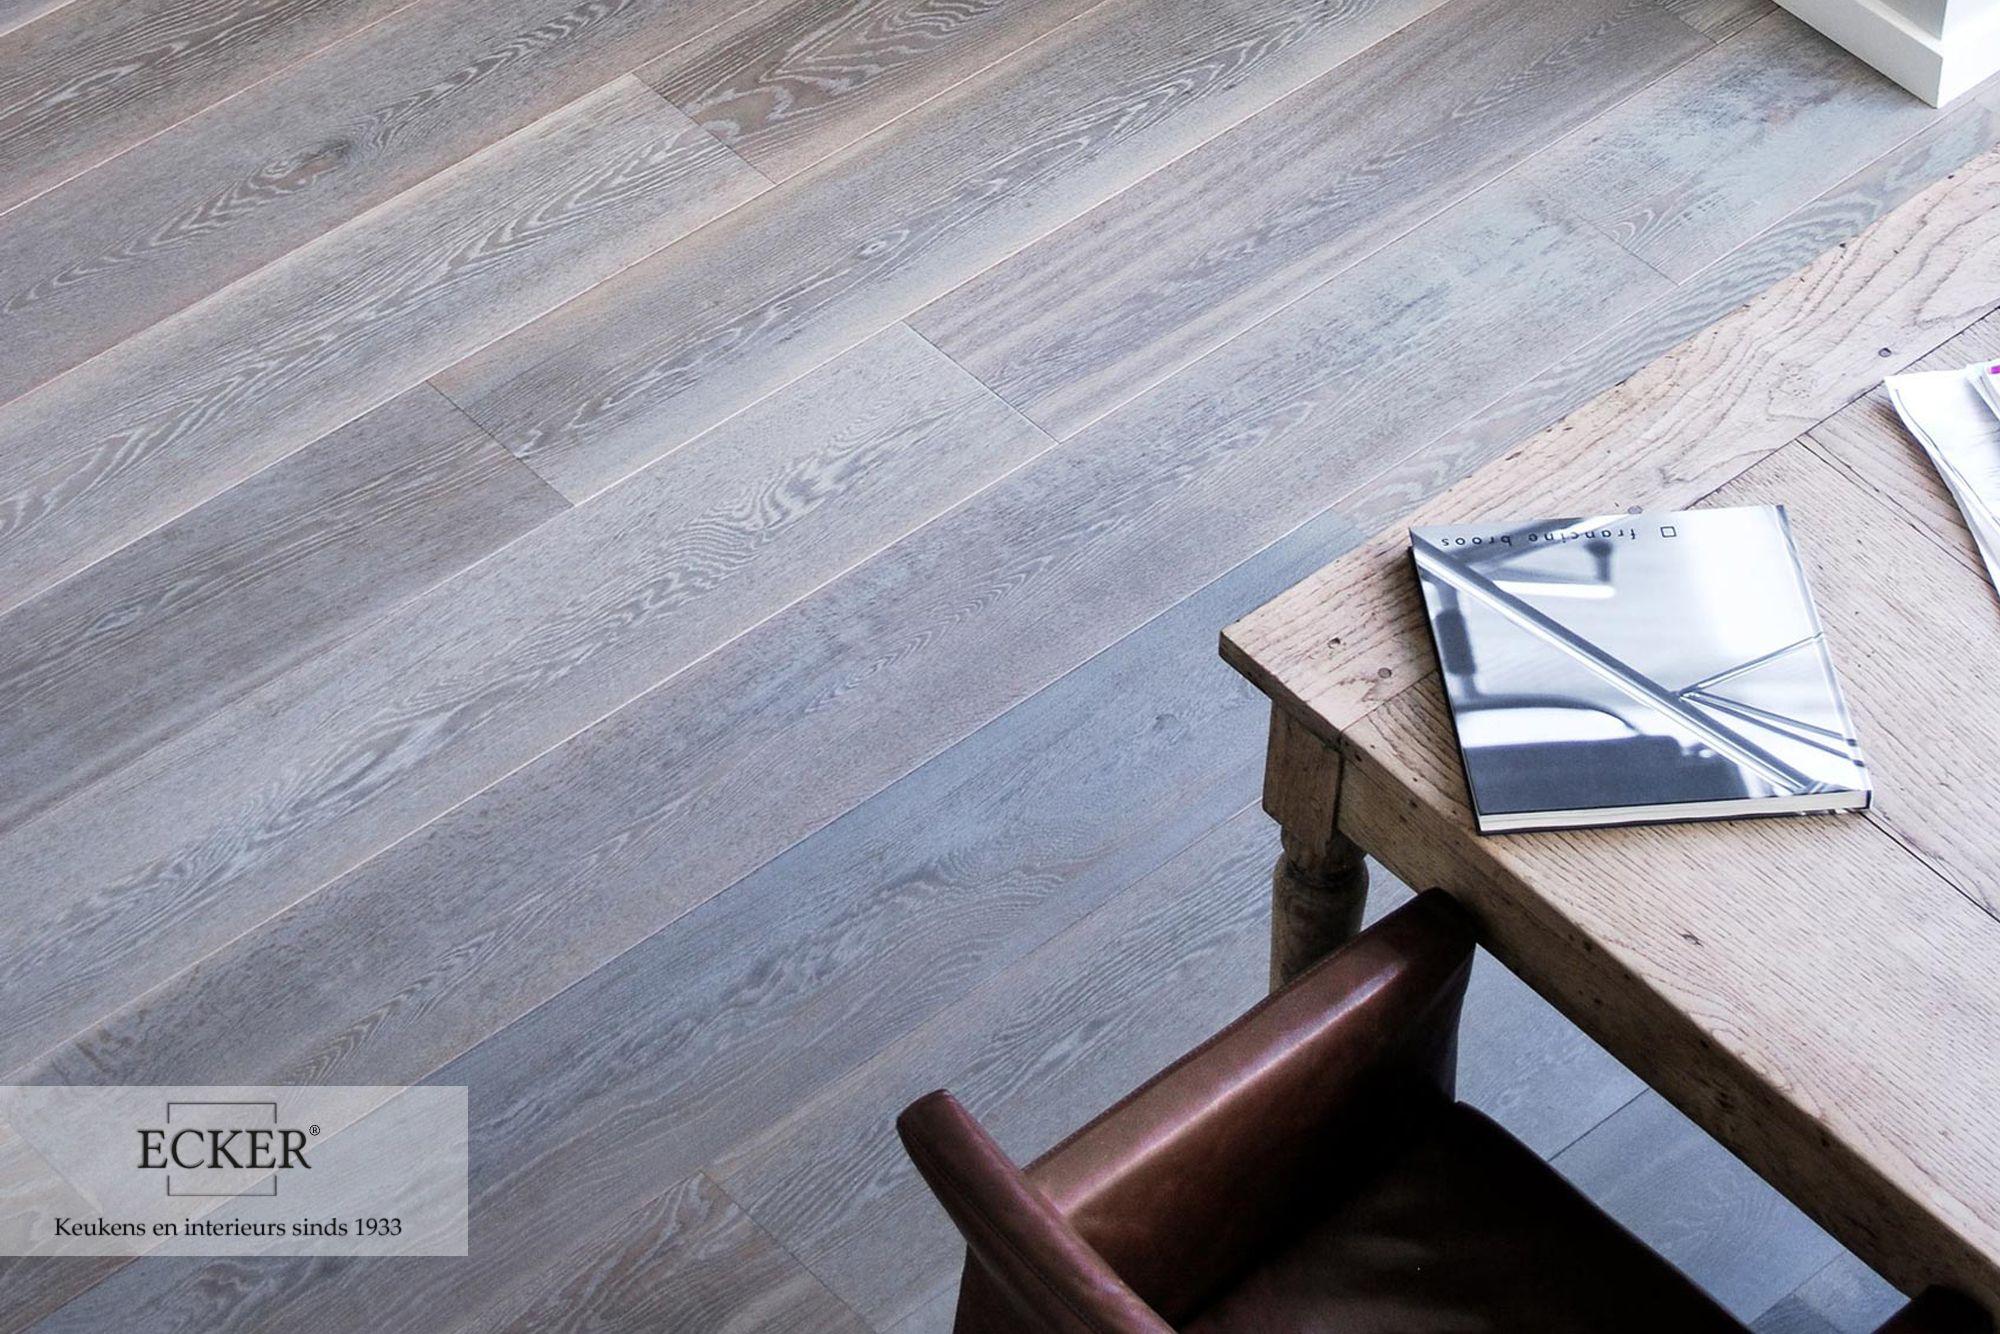 Ecker keuken en interieur beautiful flooring villa waalwijk